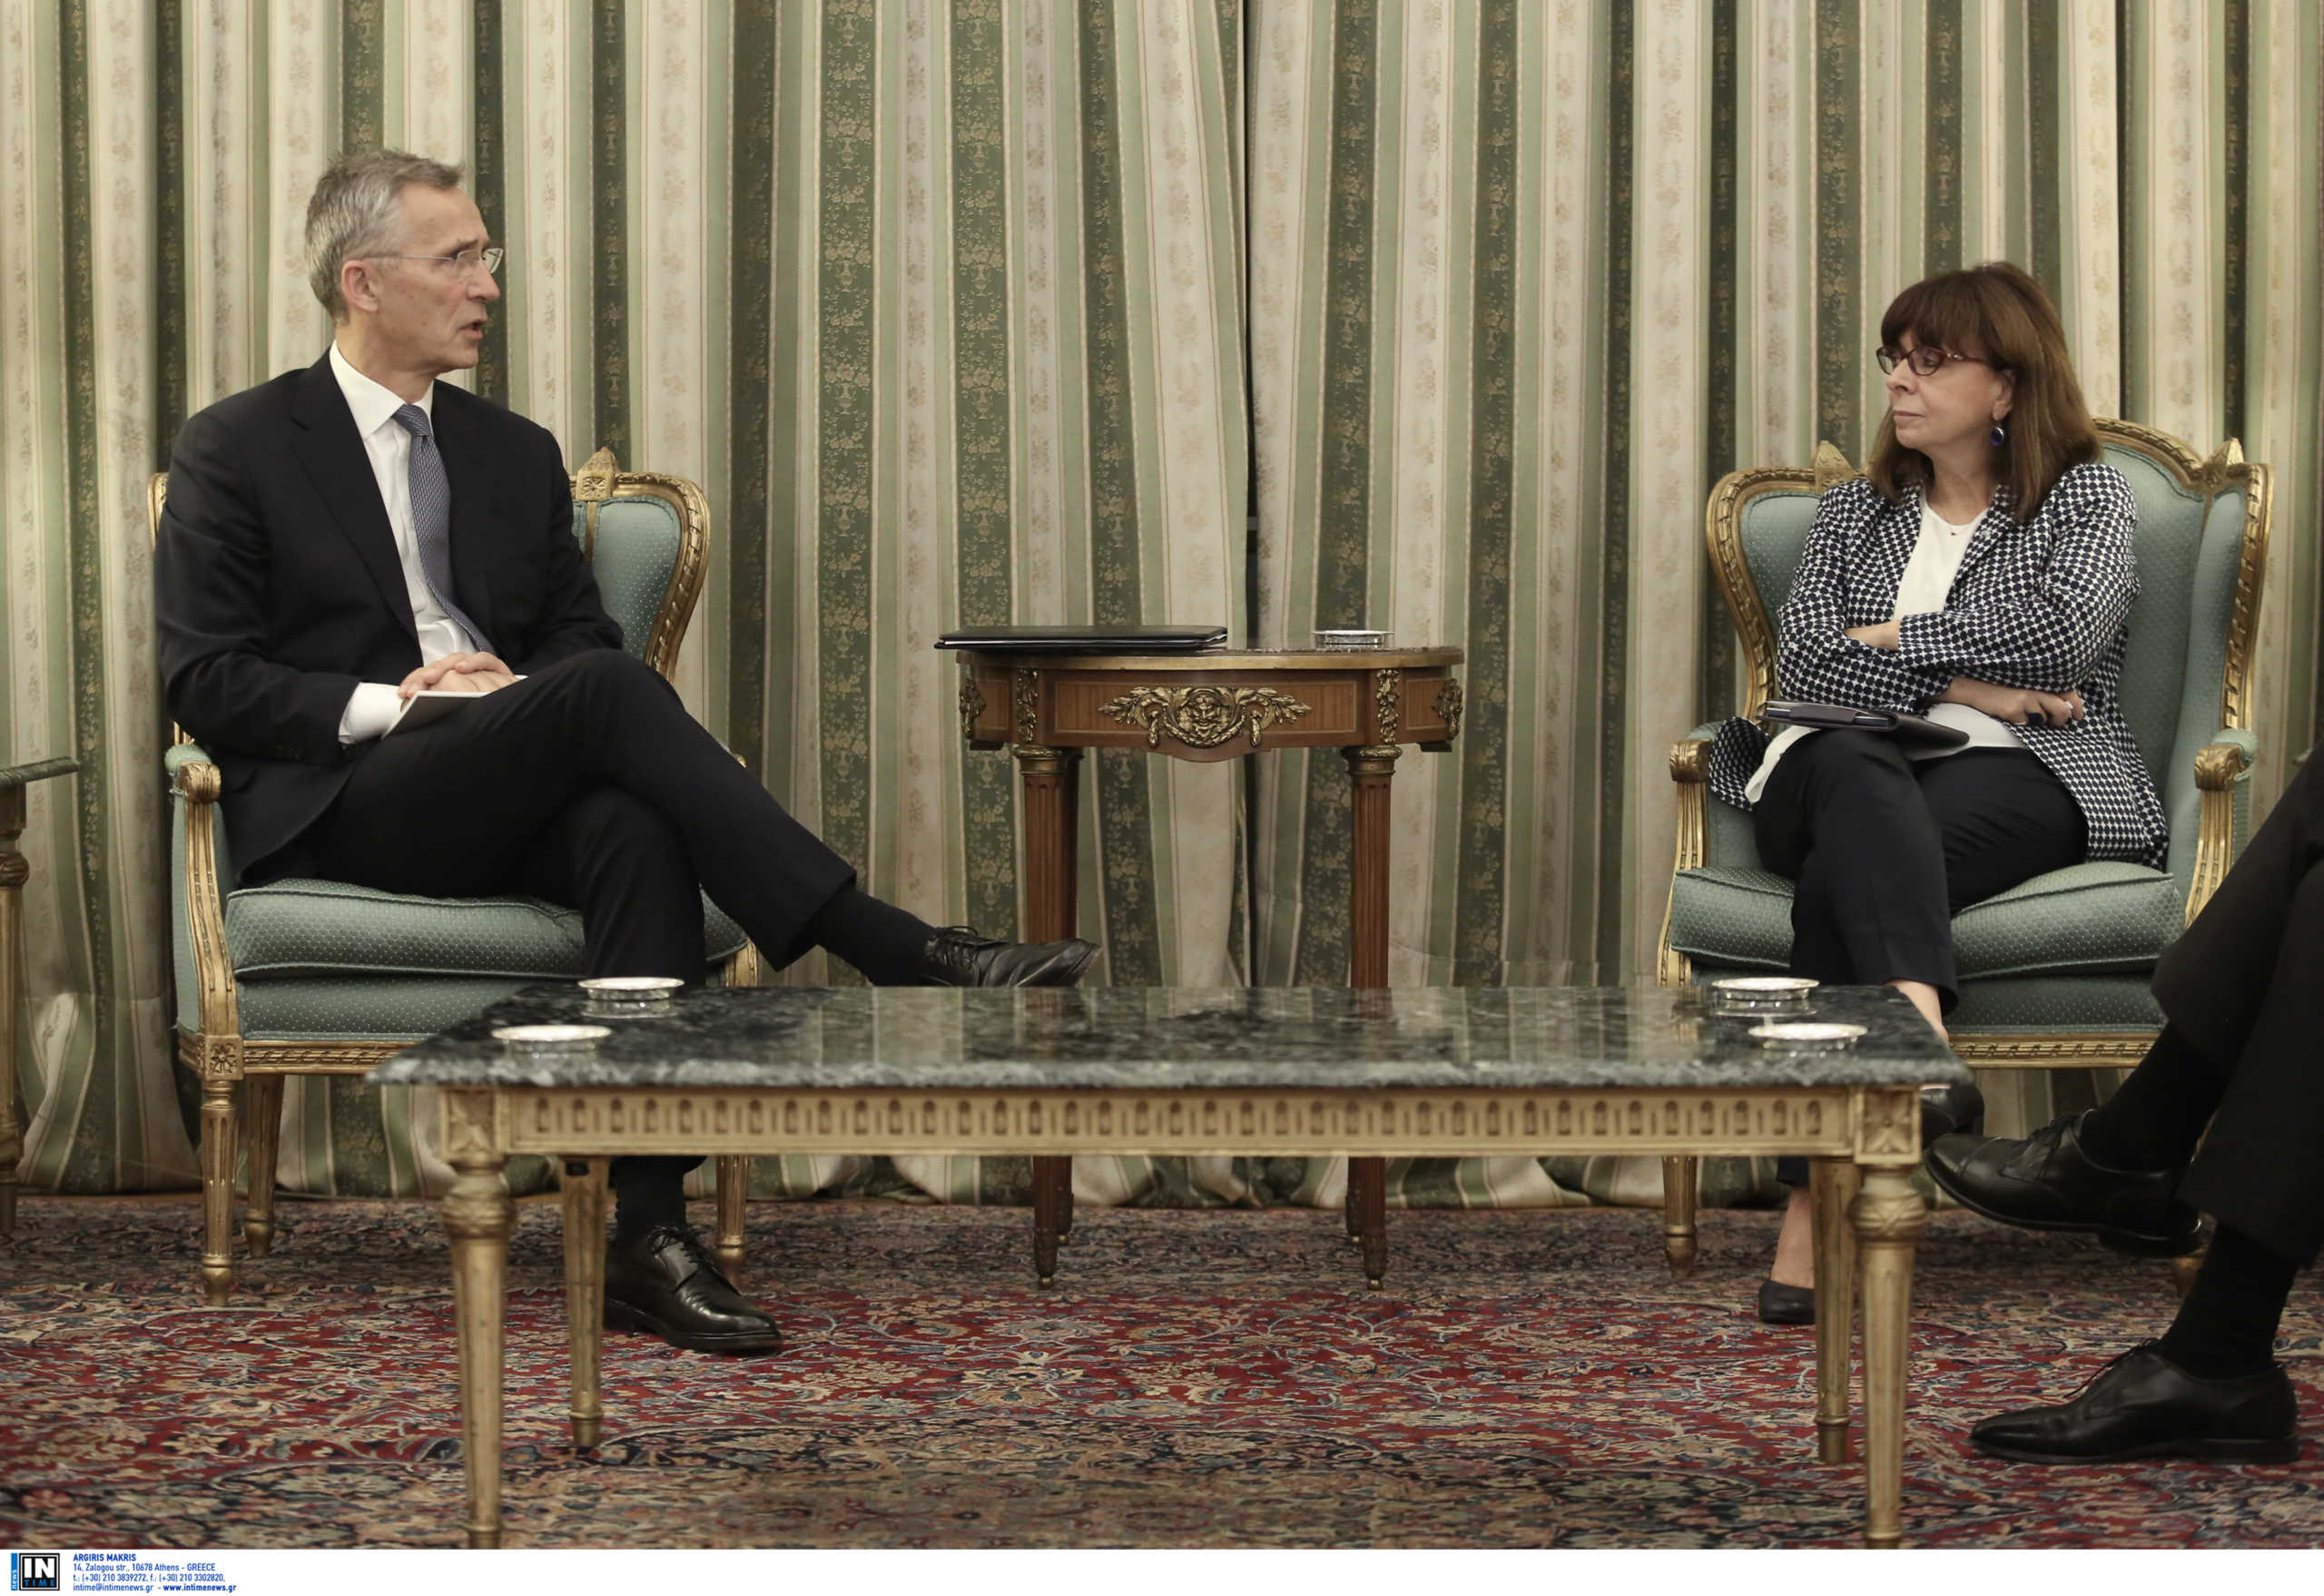 Ξεκάθαρη η Πρόεδρος της Δημοκρατίας στον Στόλτενμπεργκ: Στείλτε σαφές μήνυμα στην Άγκυρα